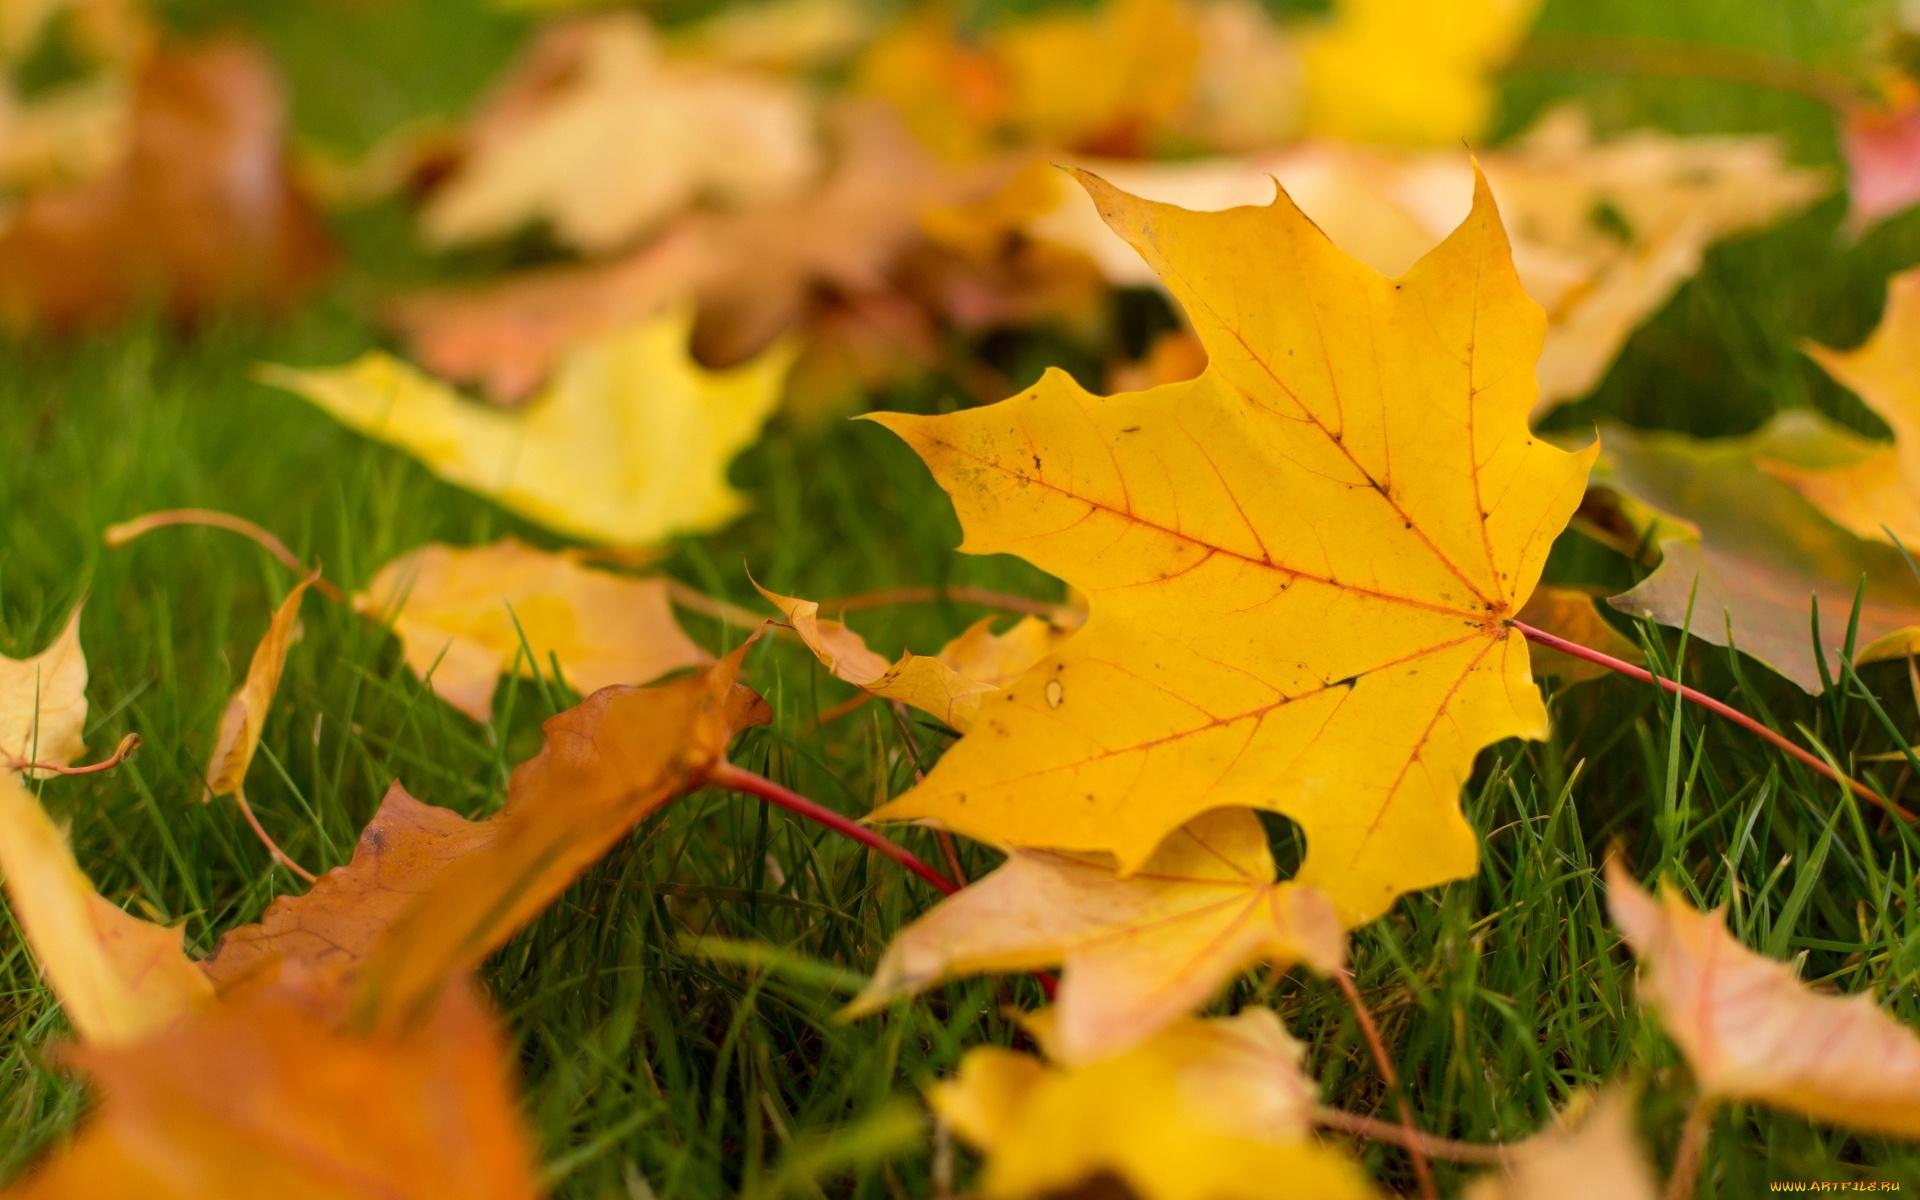 Картинка с желтыми листьями